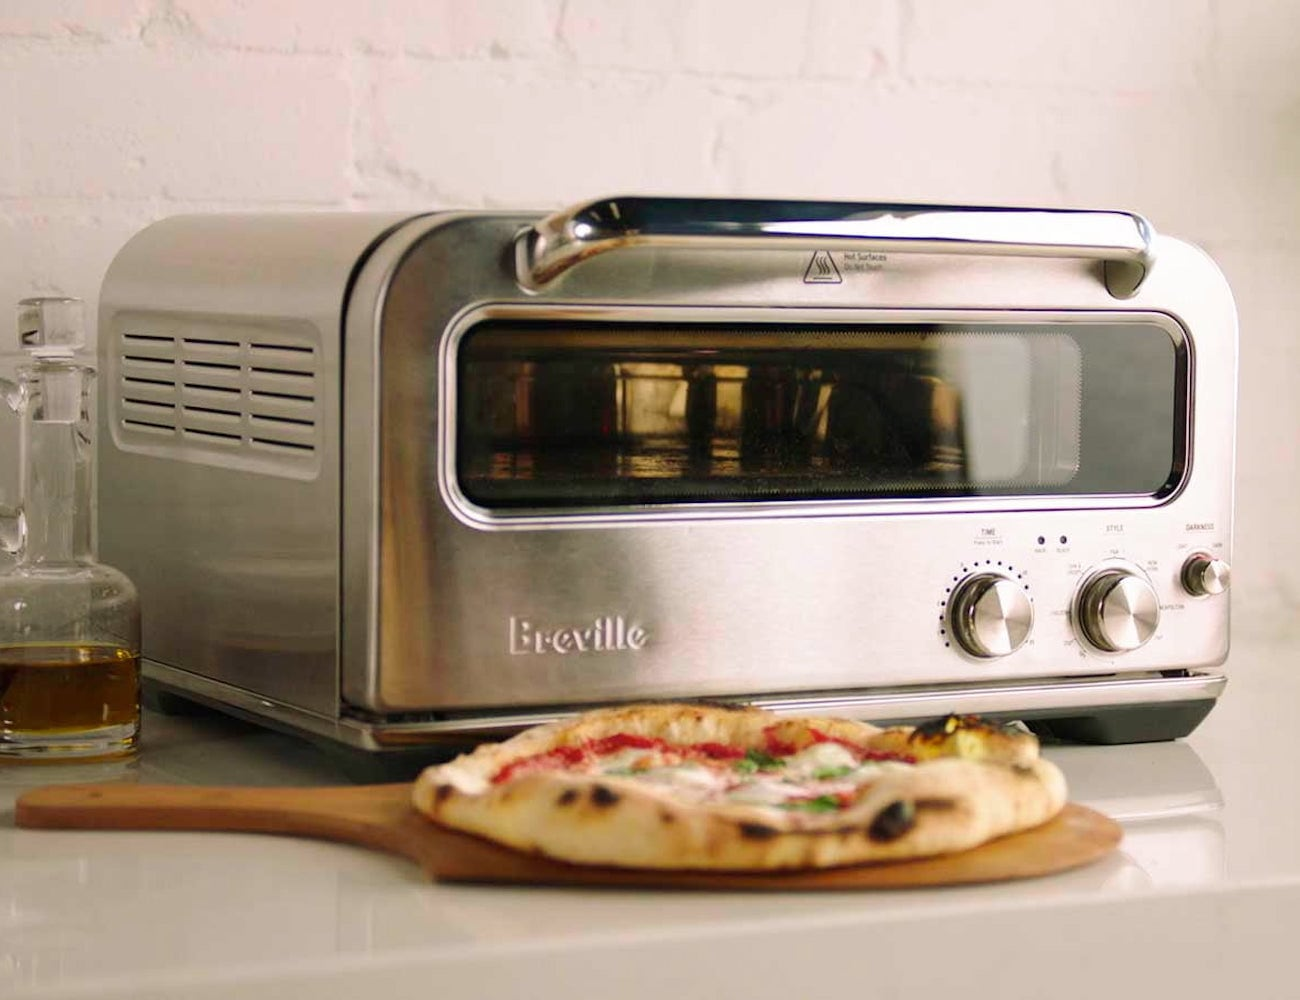 Breville Pizzaiolo Smart Countertop Pizza Oven